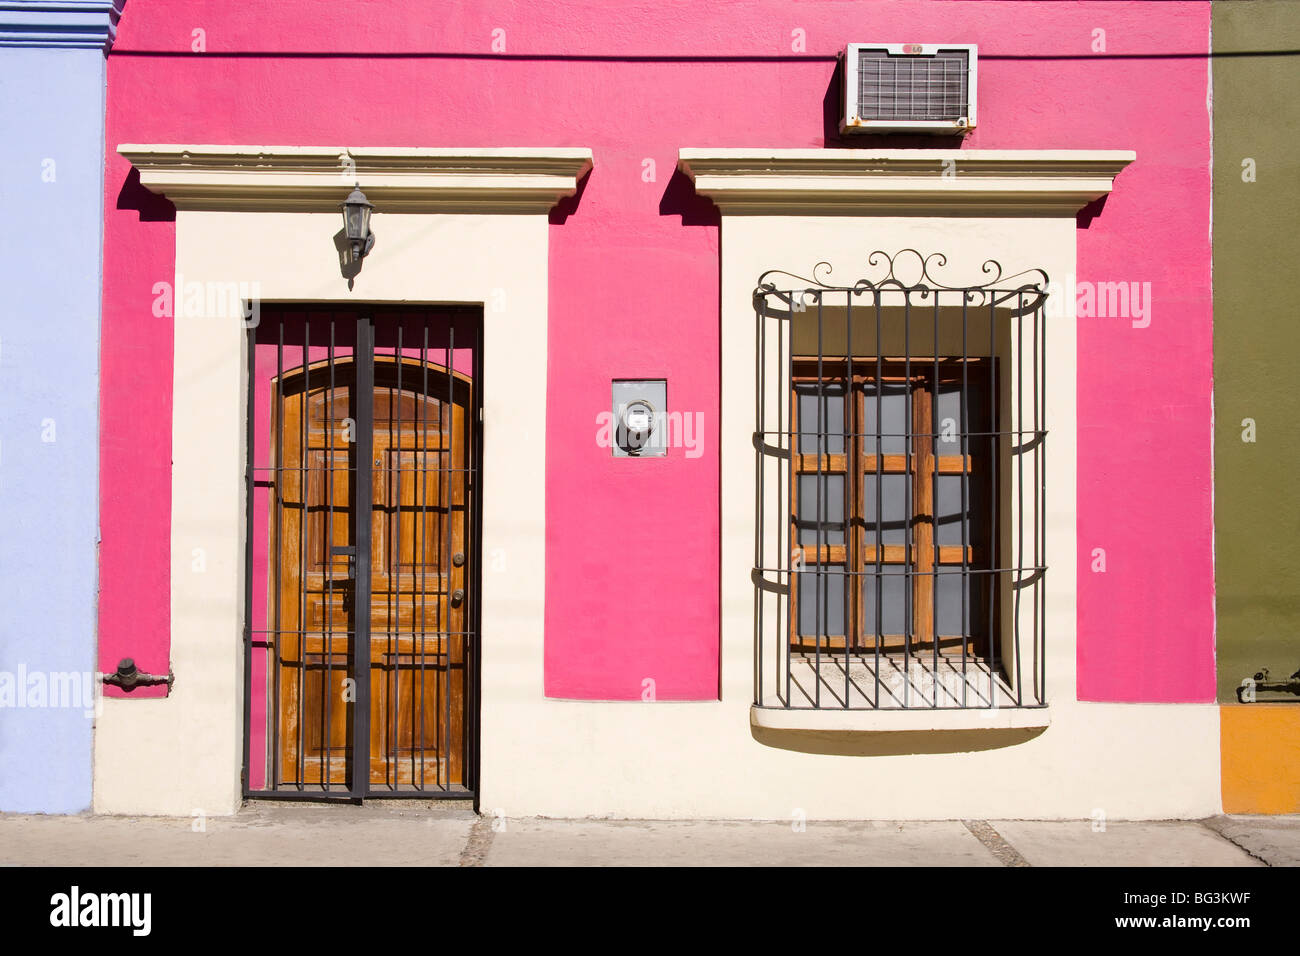 Architettura coloniale nella Città Vecchia, Mazatlan, Sinaloa Membro, Messico, America del Nord Immagini Stock